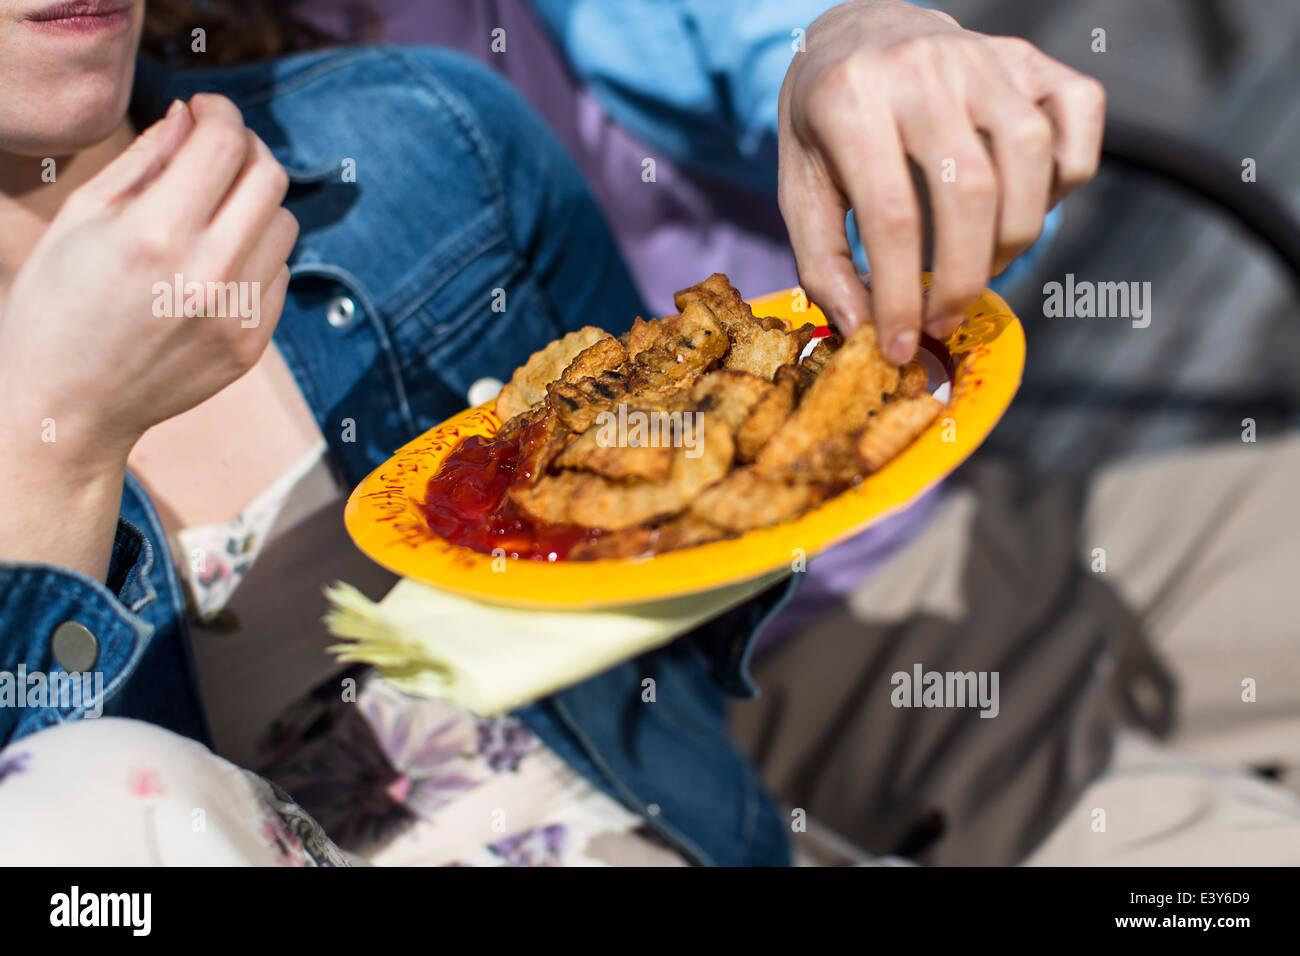 Nahaufnahme eines Paares Essen Chips beschnitten Stockbild